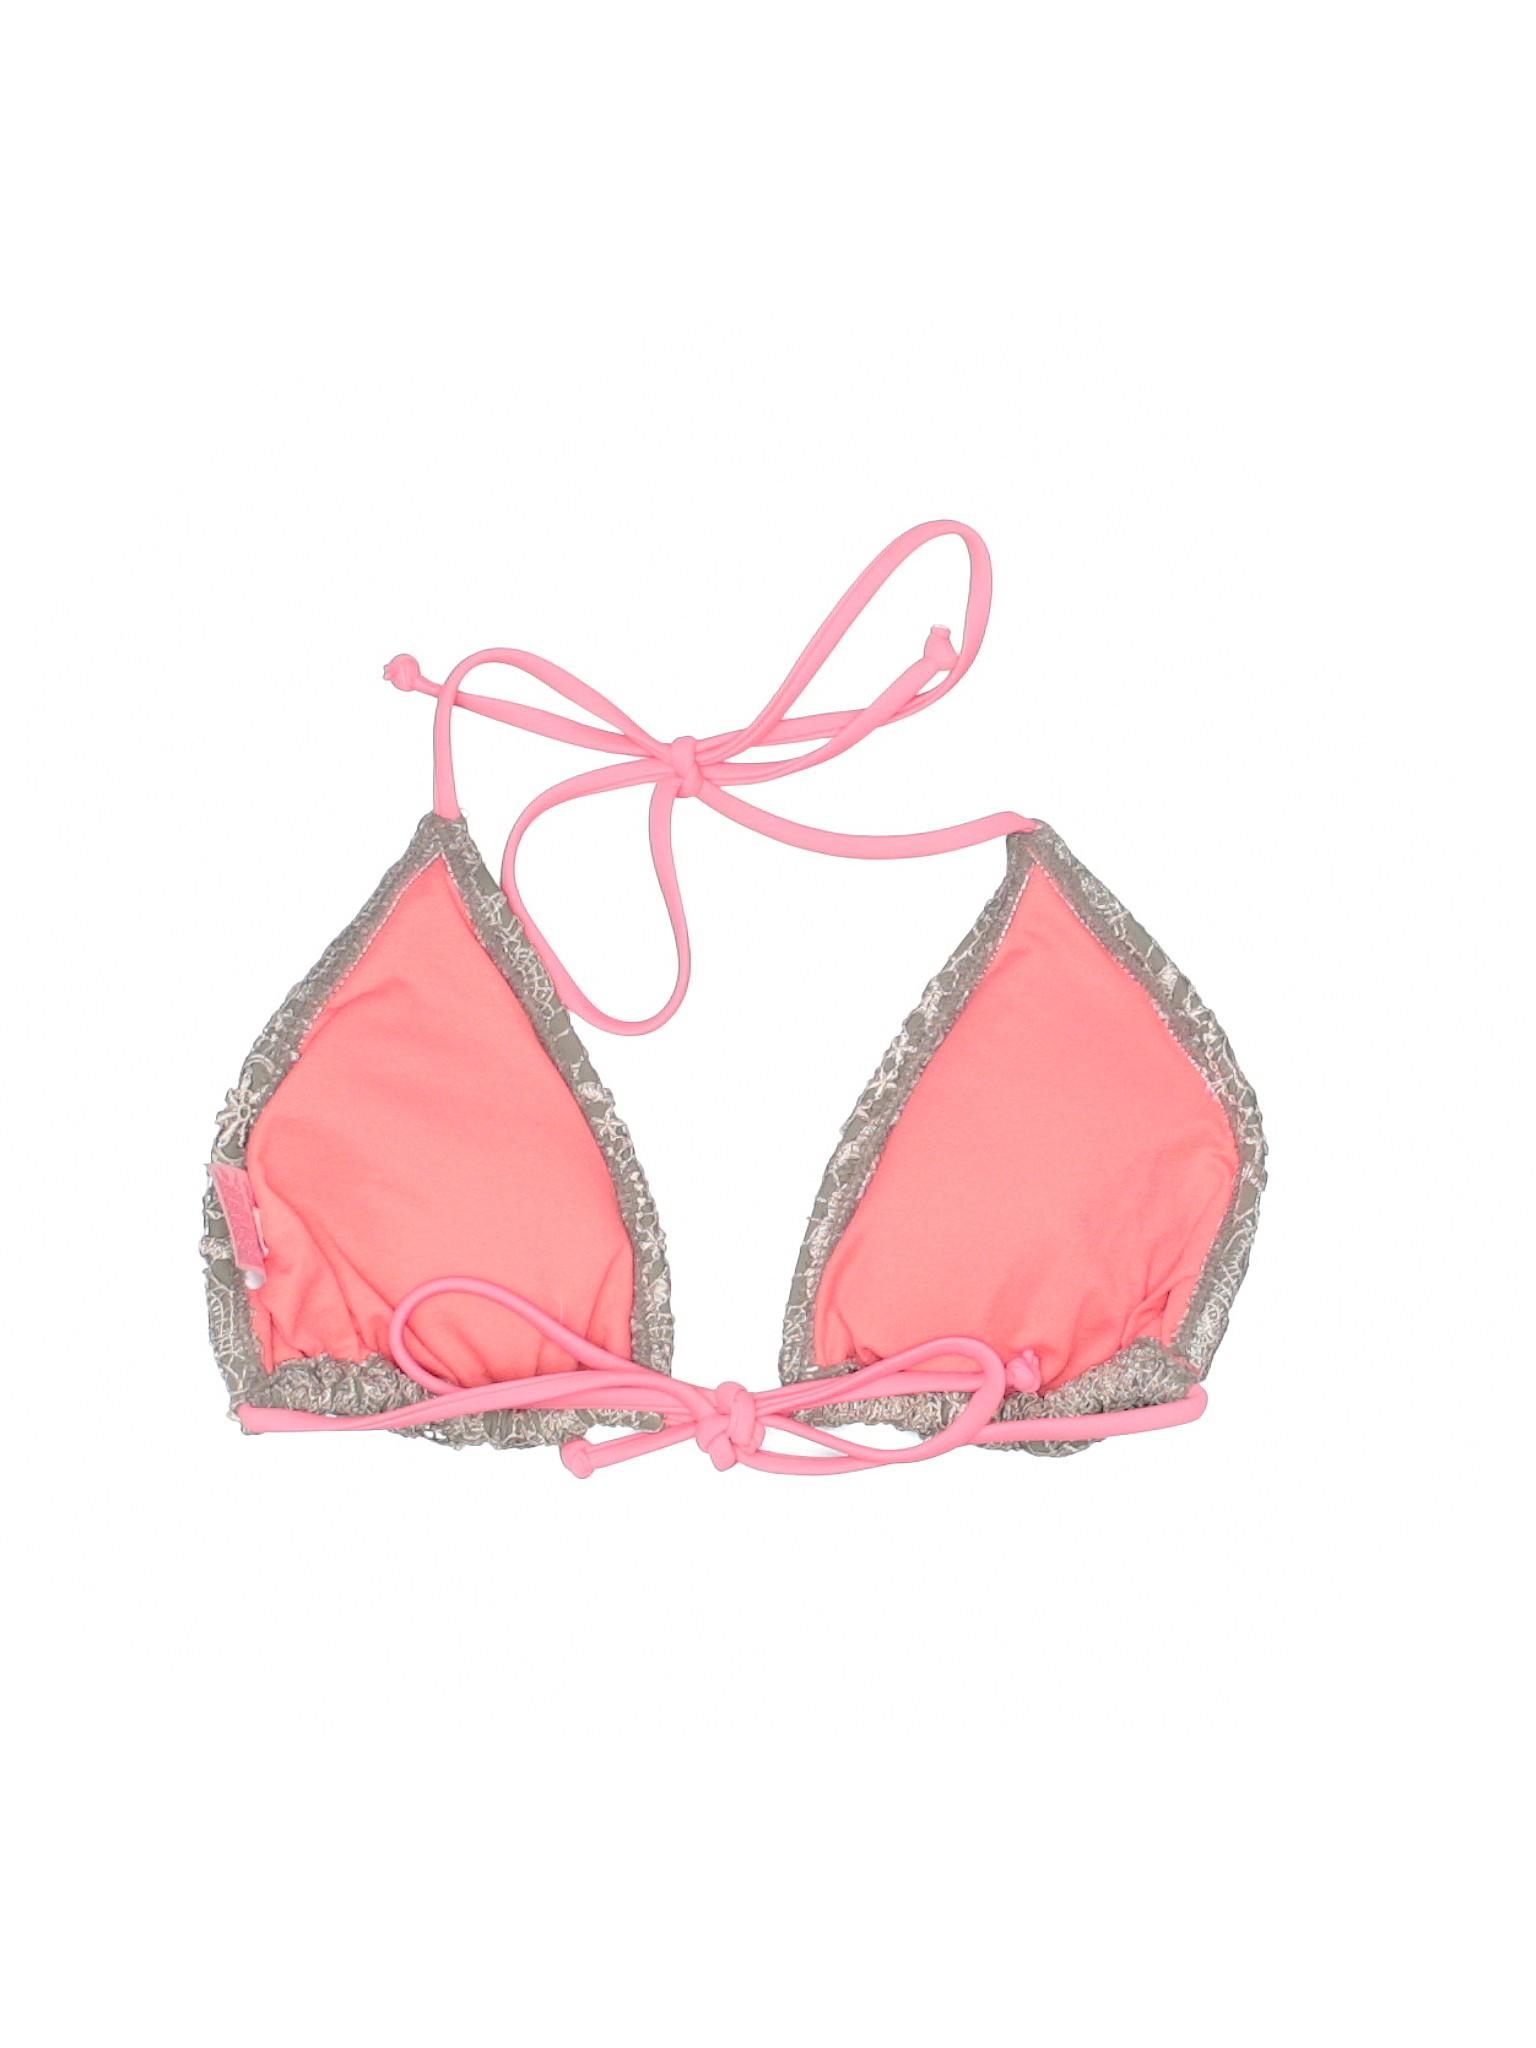 Swimsuit Xhilaration Boutique Top Boutique Xhilaration Swimsuit Top gP7x88